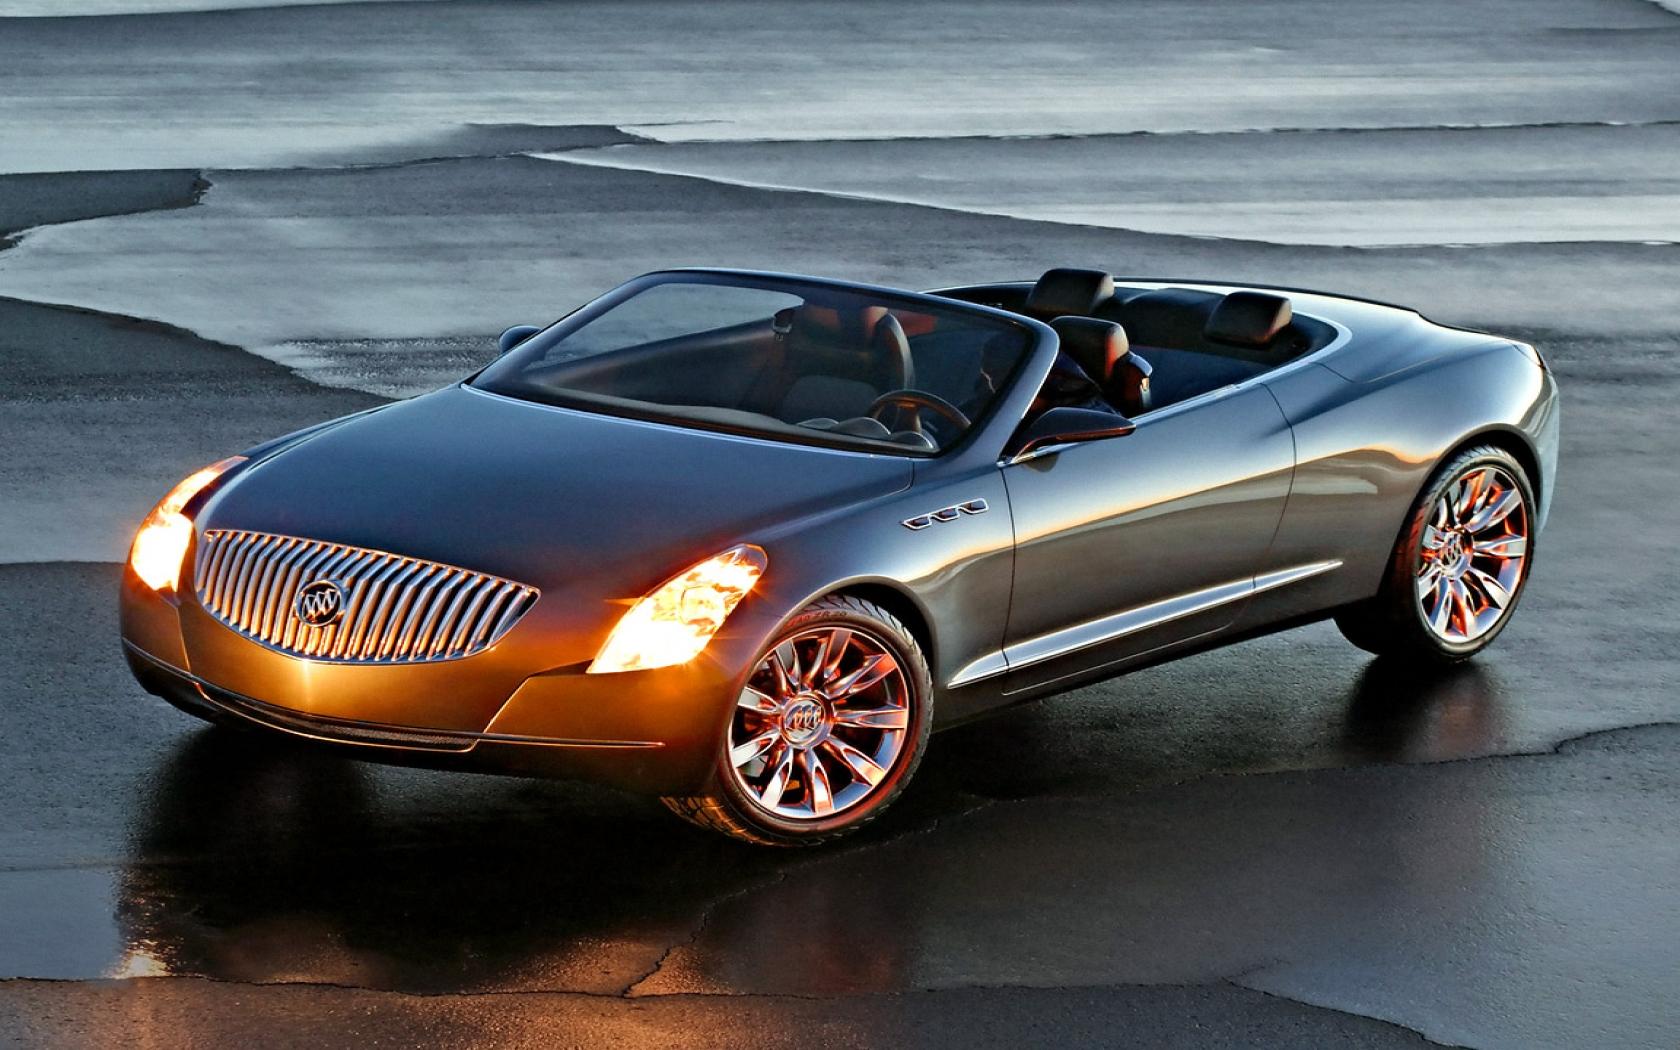 ВГуанчжоу дебютировал концептуальный автомобиль Buick Velite